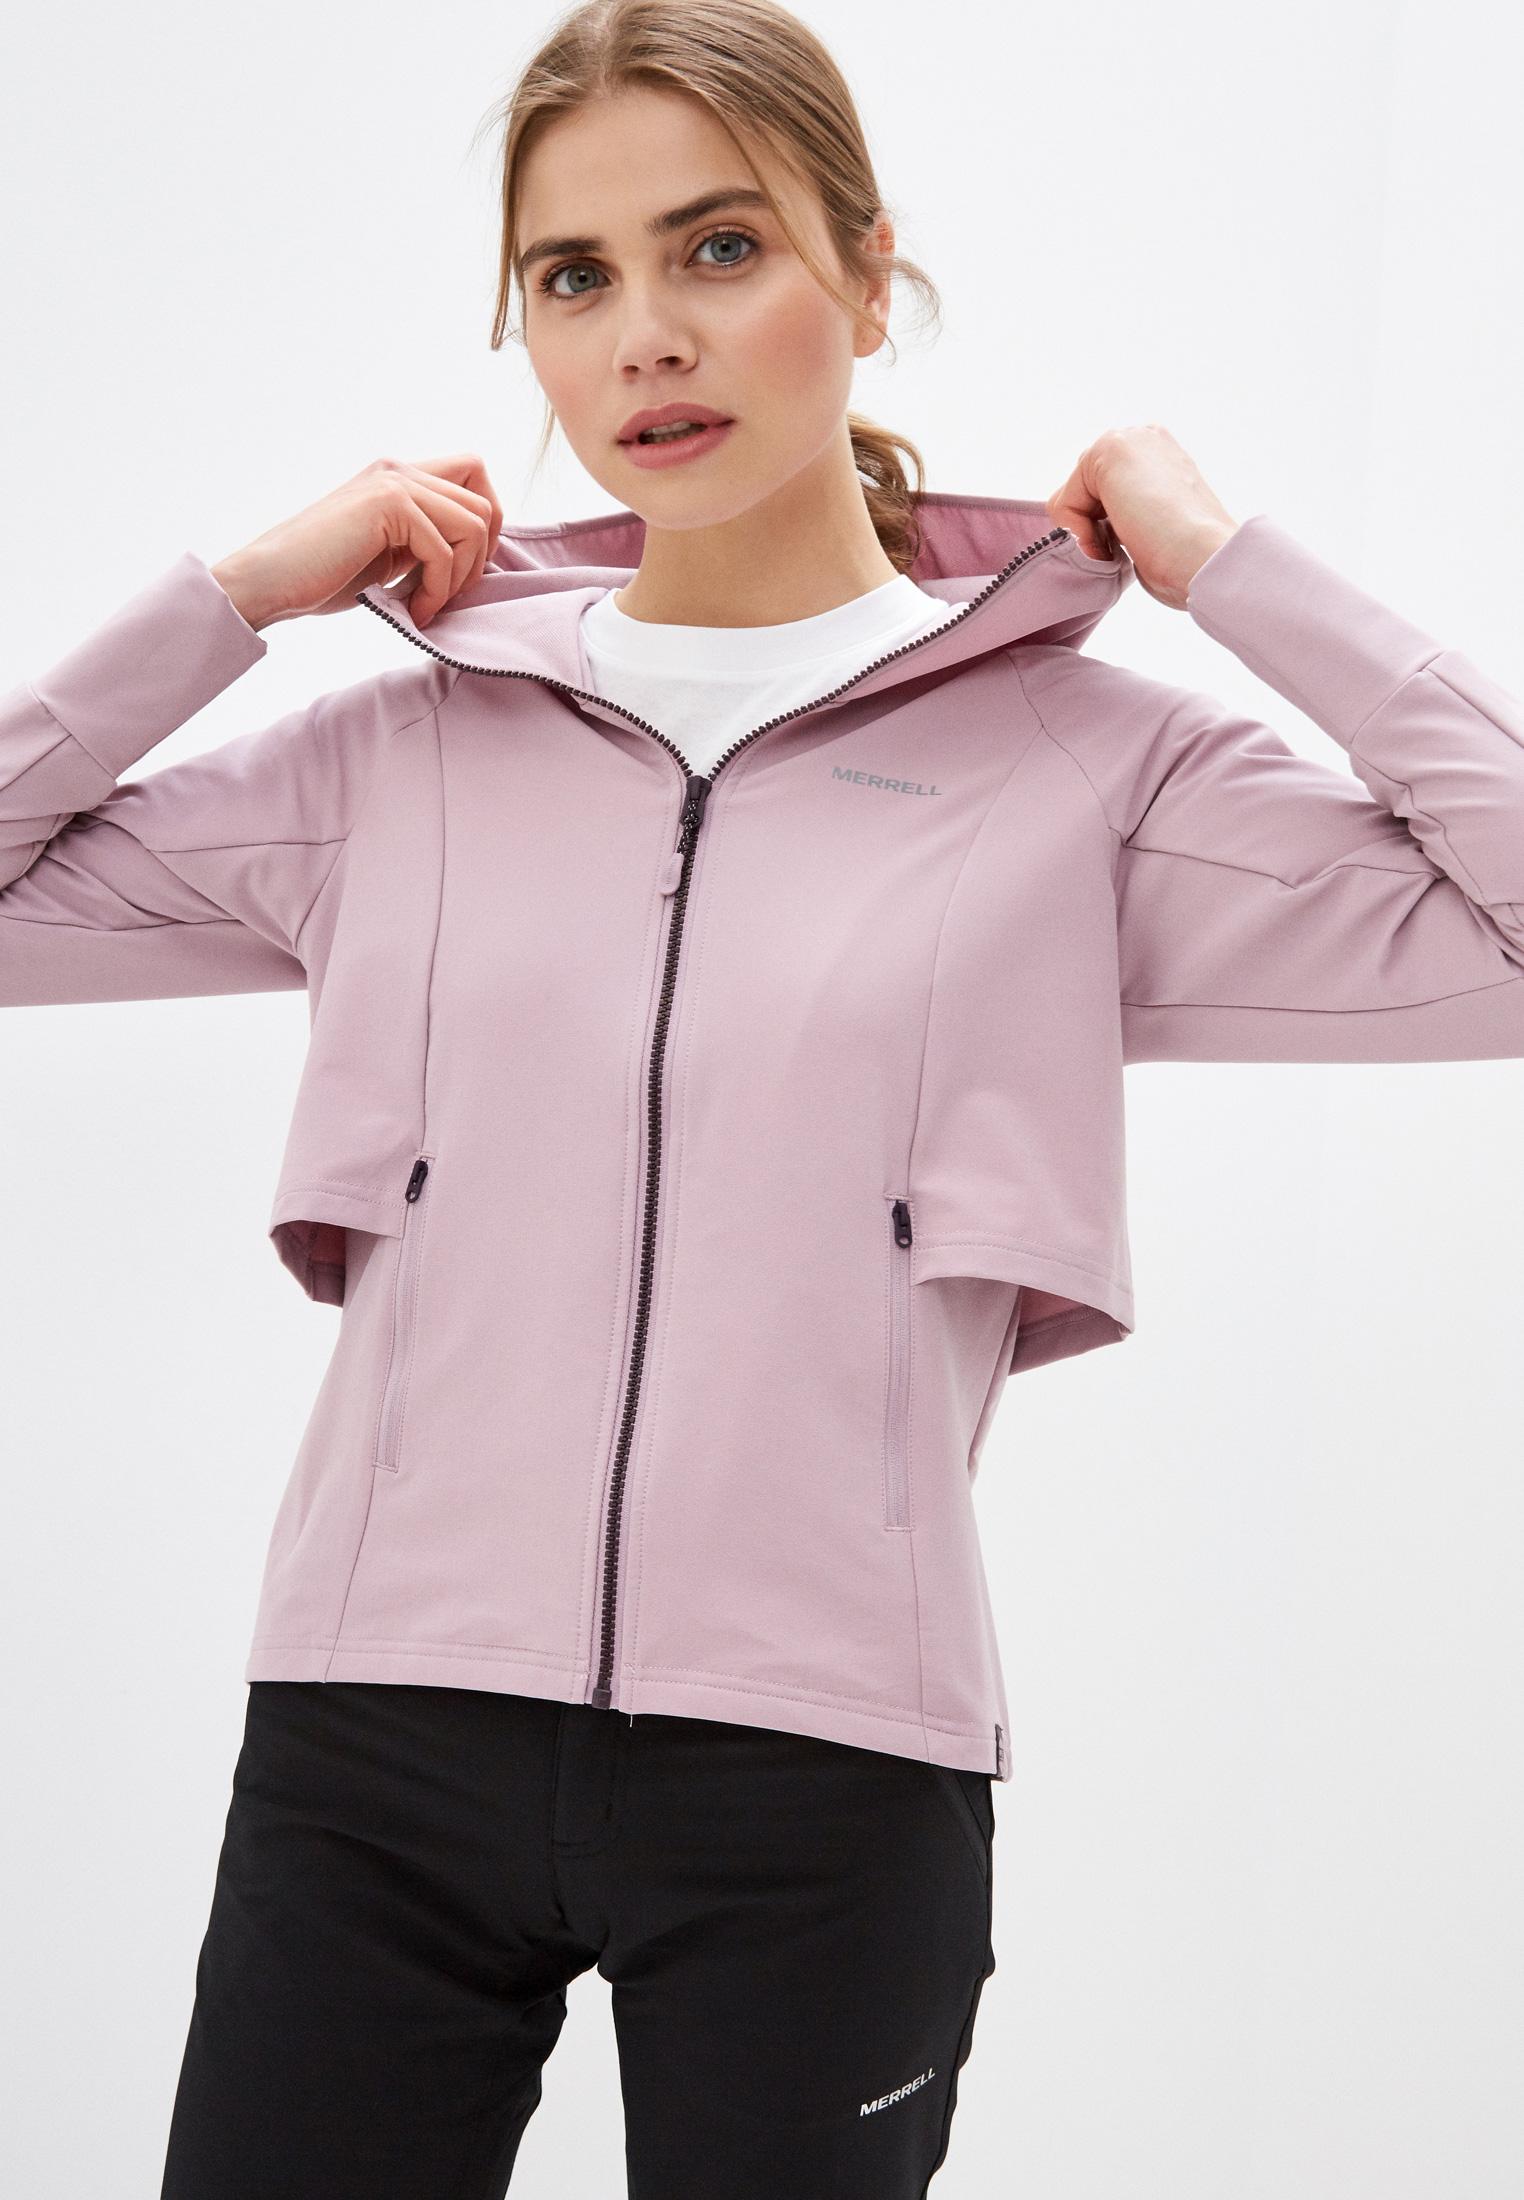 Женская верхняя одежда Merrell 103588